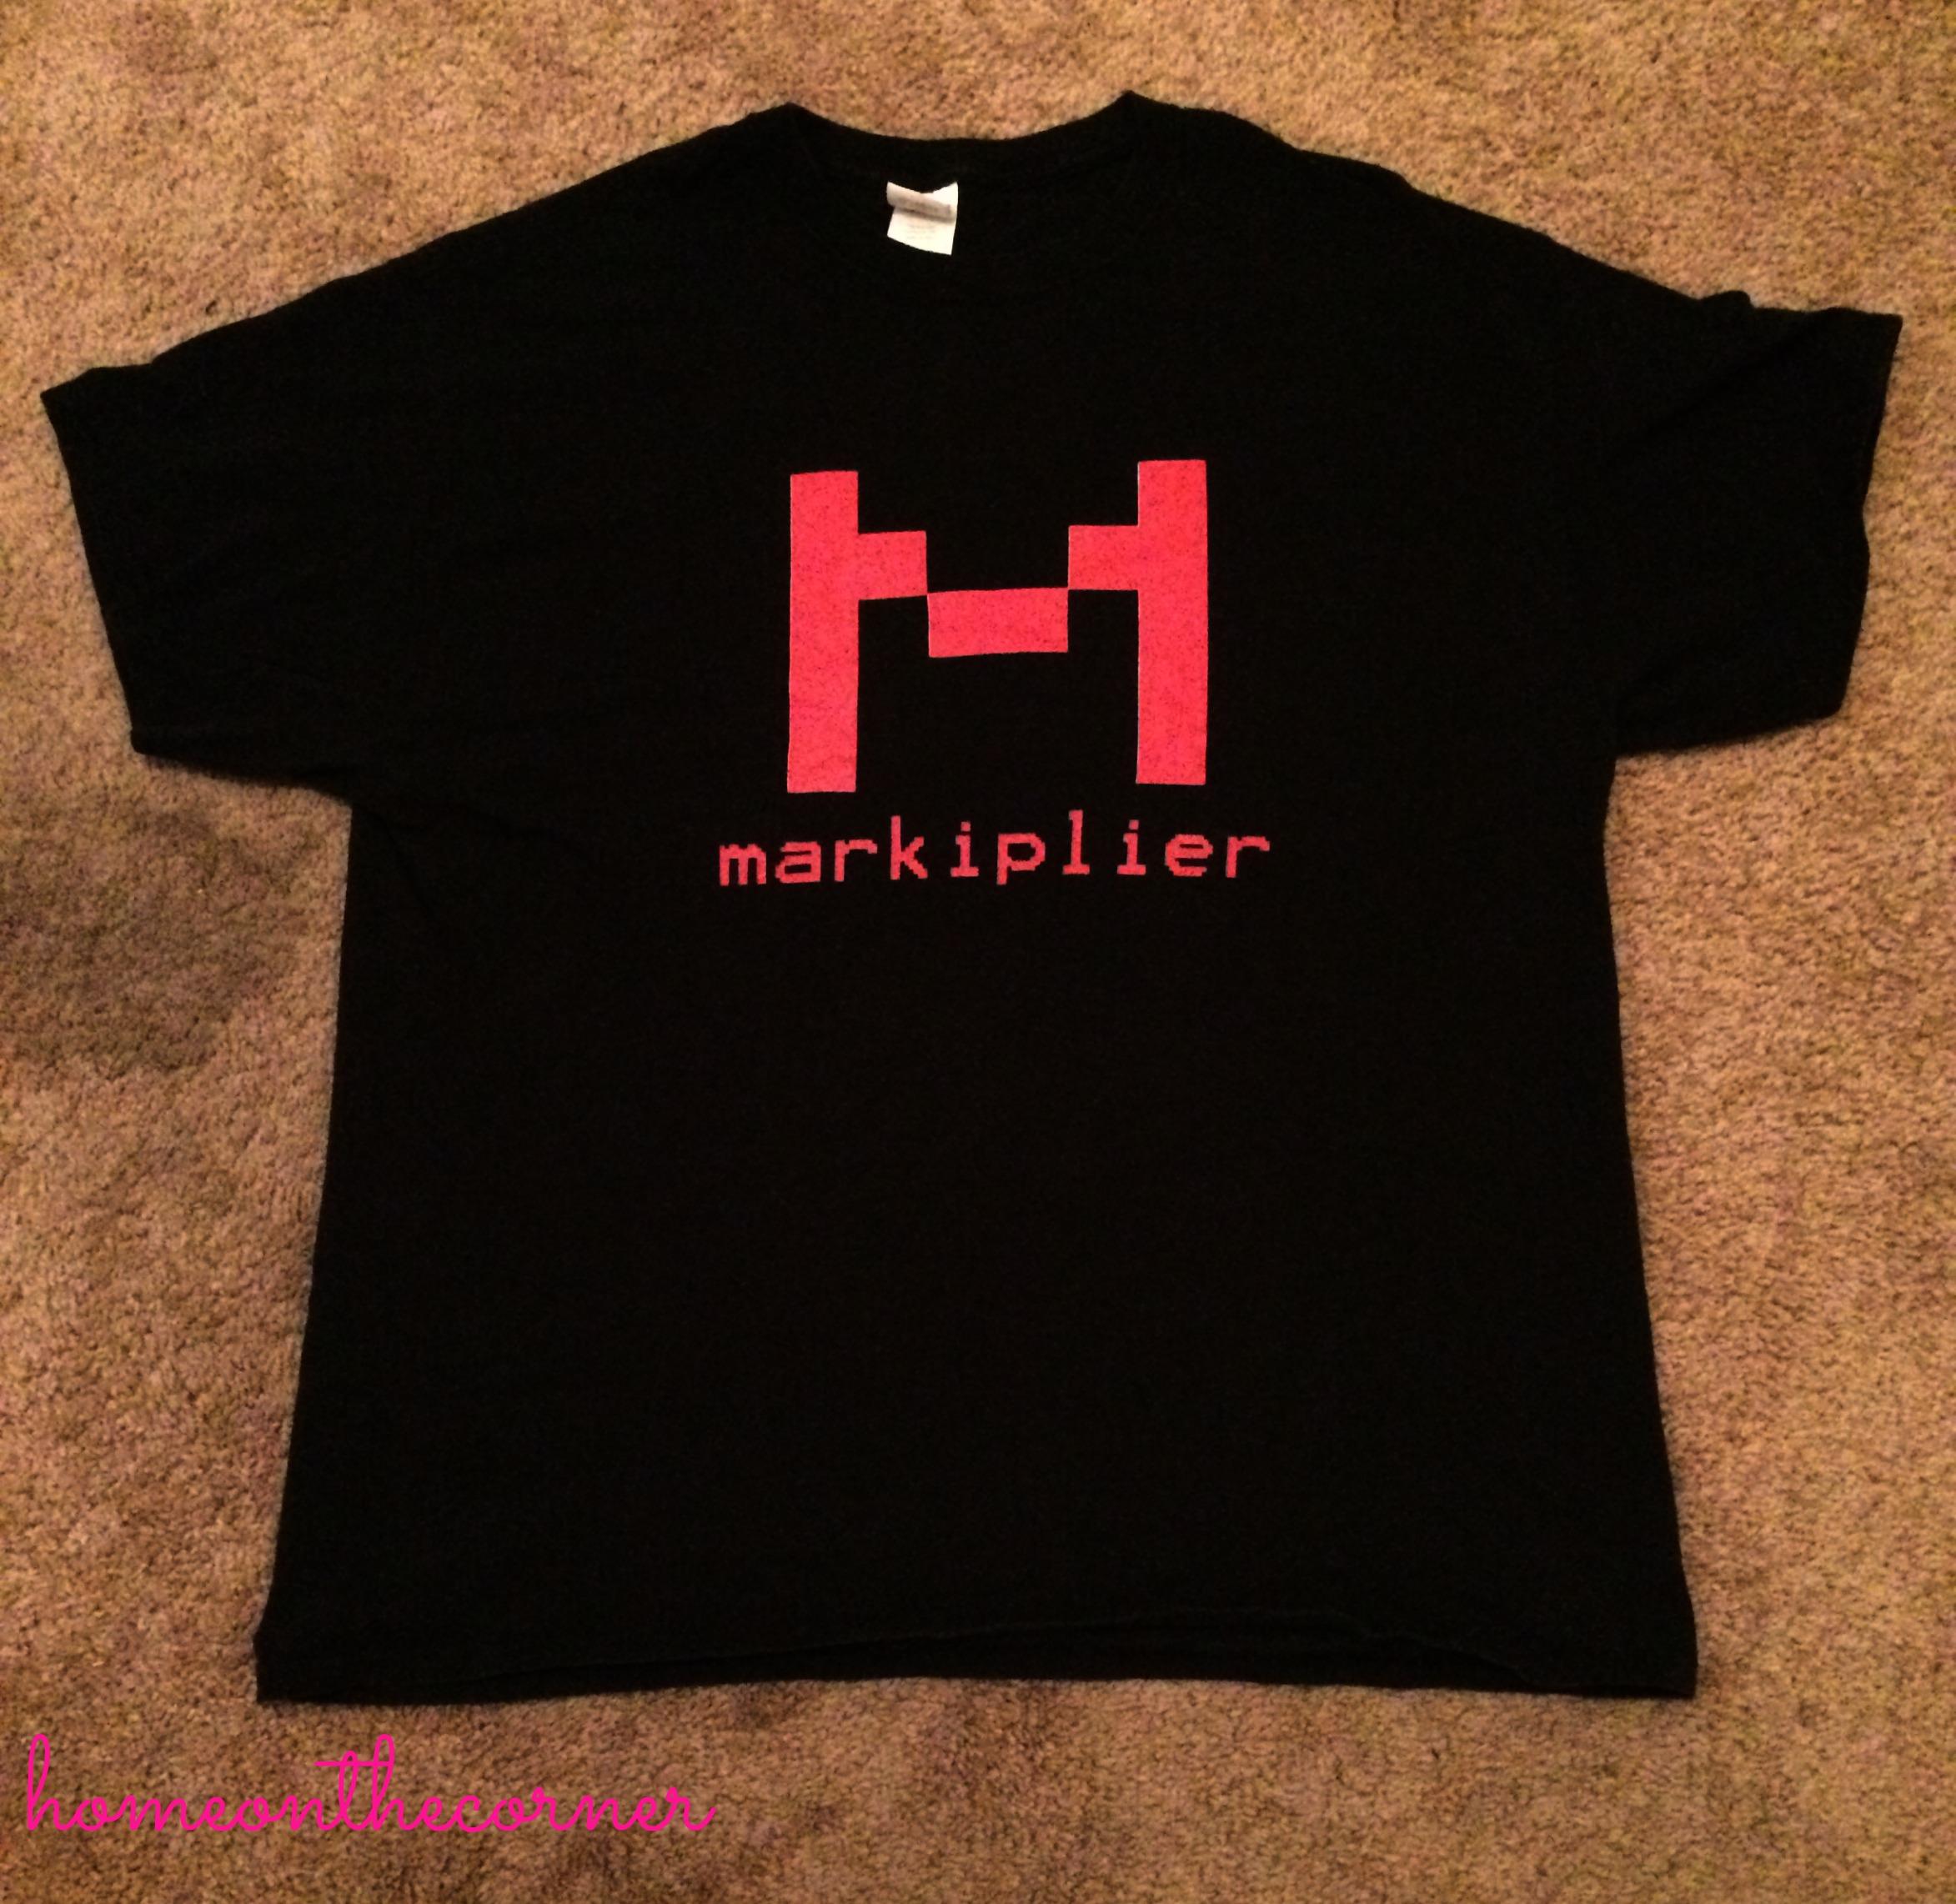 Markiplier original